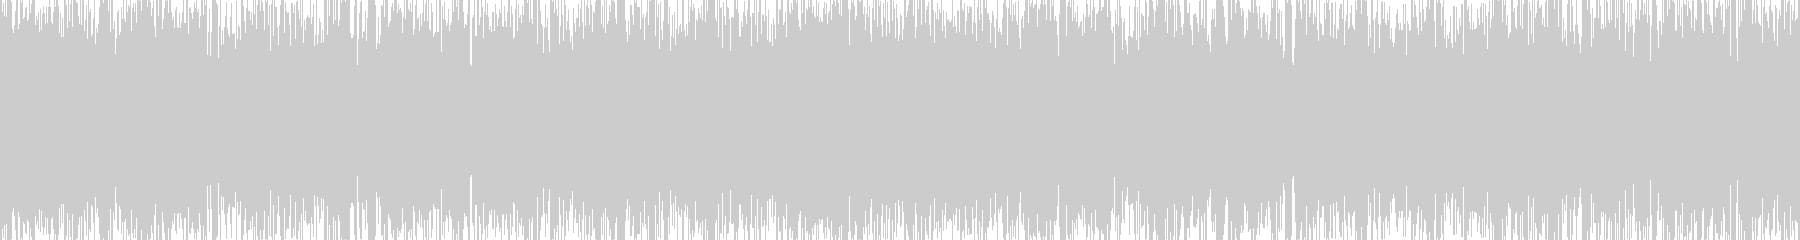 シンプルで力強いメタル調【ループ仕様】の未再生の波形